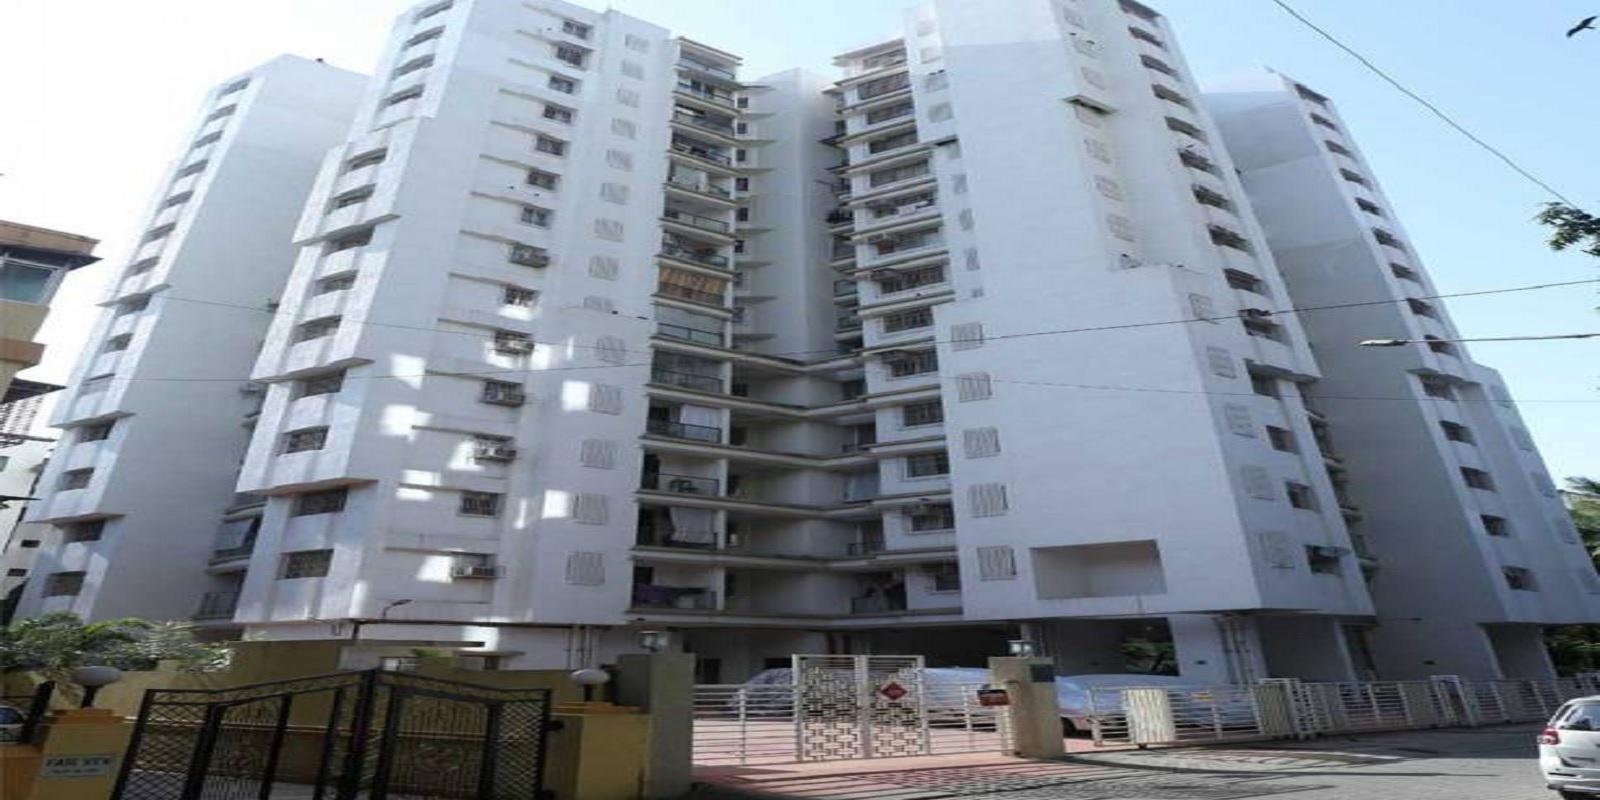 shubham sri kalpana padma tower project project large image1